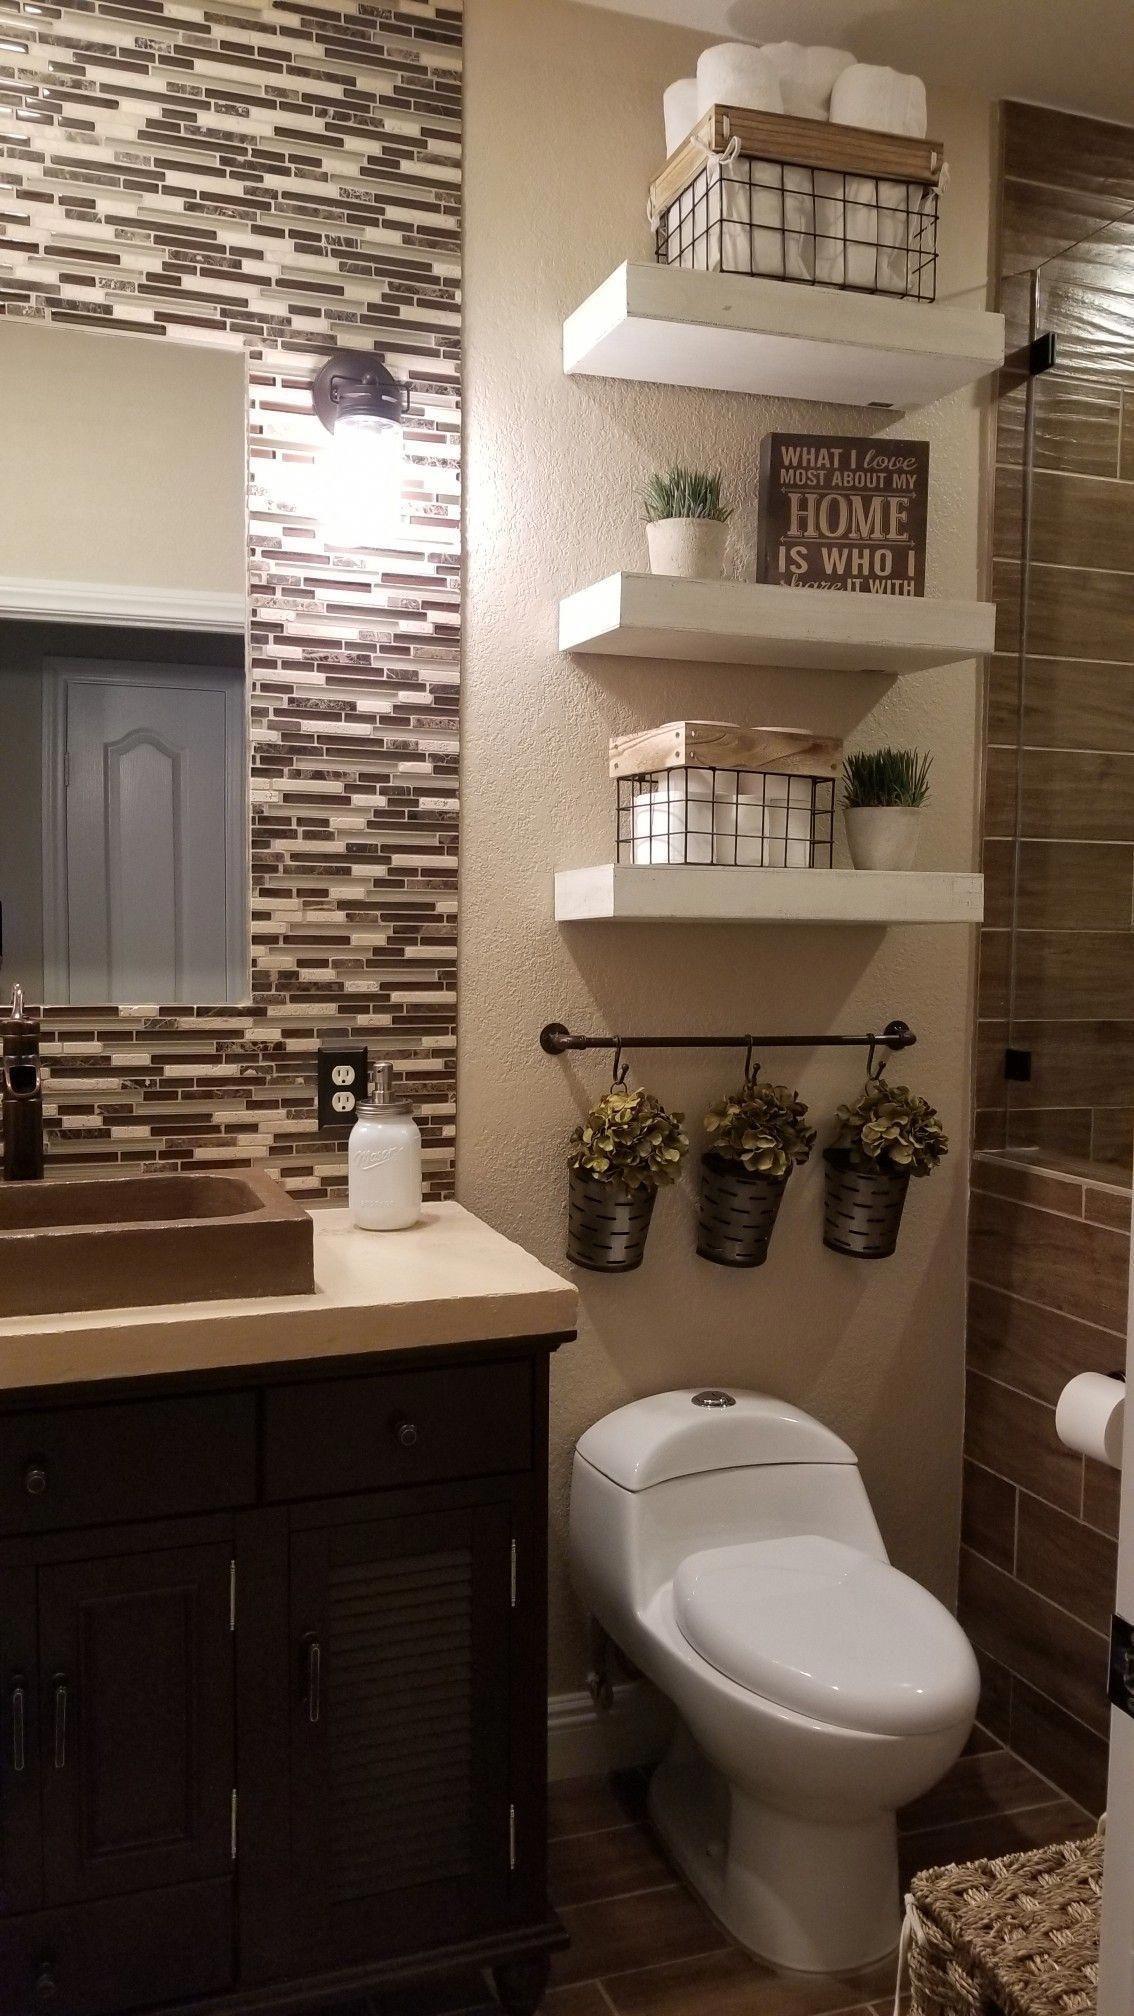 Guest Bathroom Decor 29 Guest Bathroom Ideas To Wow Your Visitors Halfbathroom Bathroomremodeli Small Bathroom Remodel Elegant Bathroom Bathroom Wall Decor